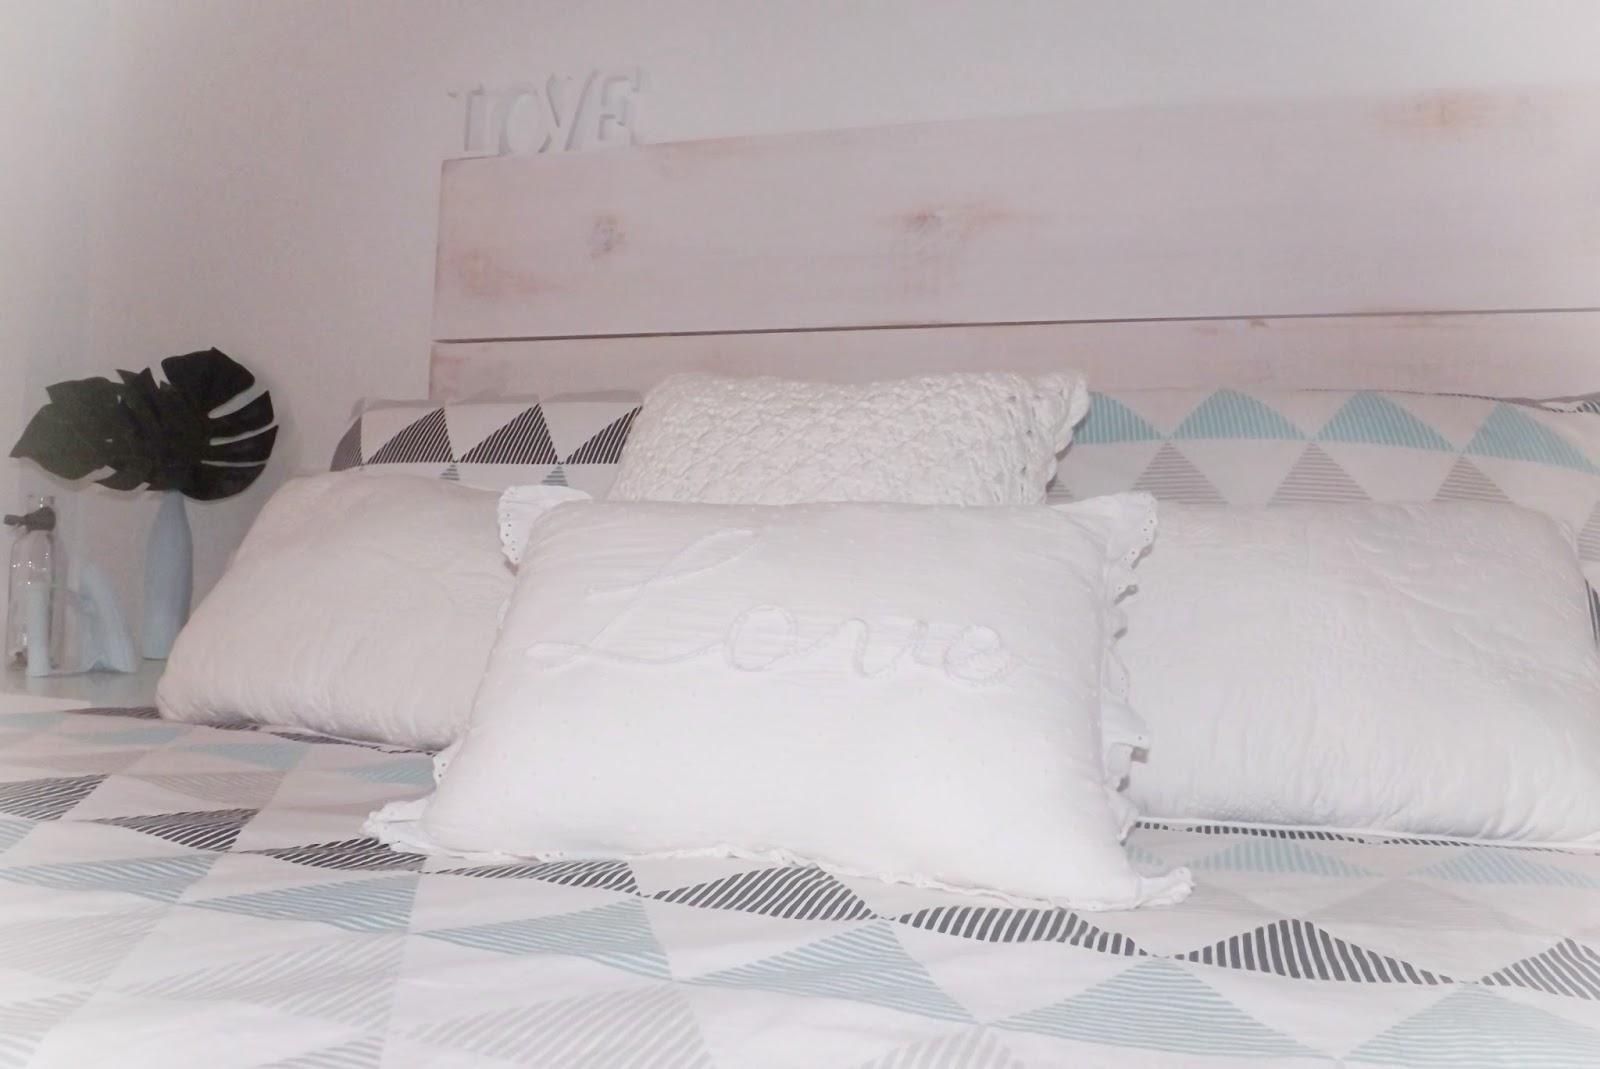 Ikea sabanas cama affordable ropa de cama en ikea y la cama nueva se mereca un regalo por lo - Ikea ropa de cama colchas ...